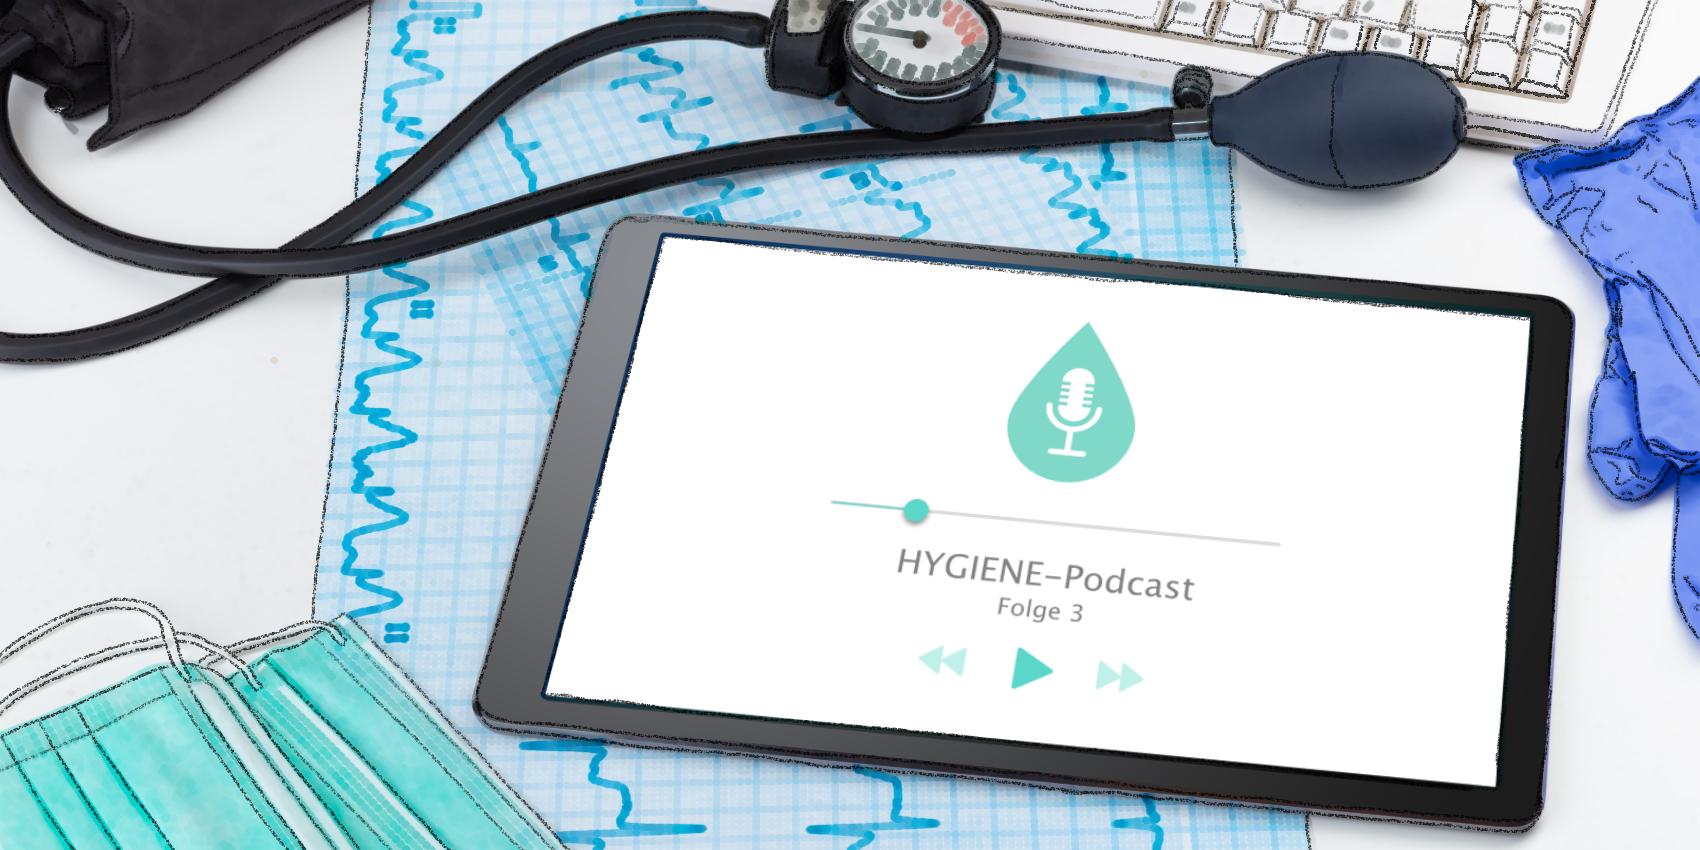 Tablet mit einem Podcast zum Thema Hygiene